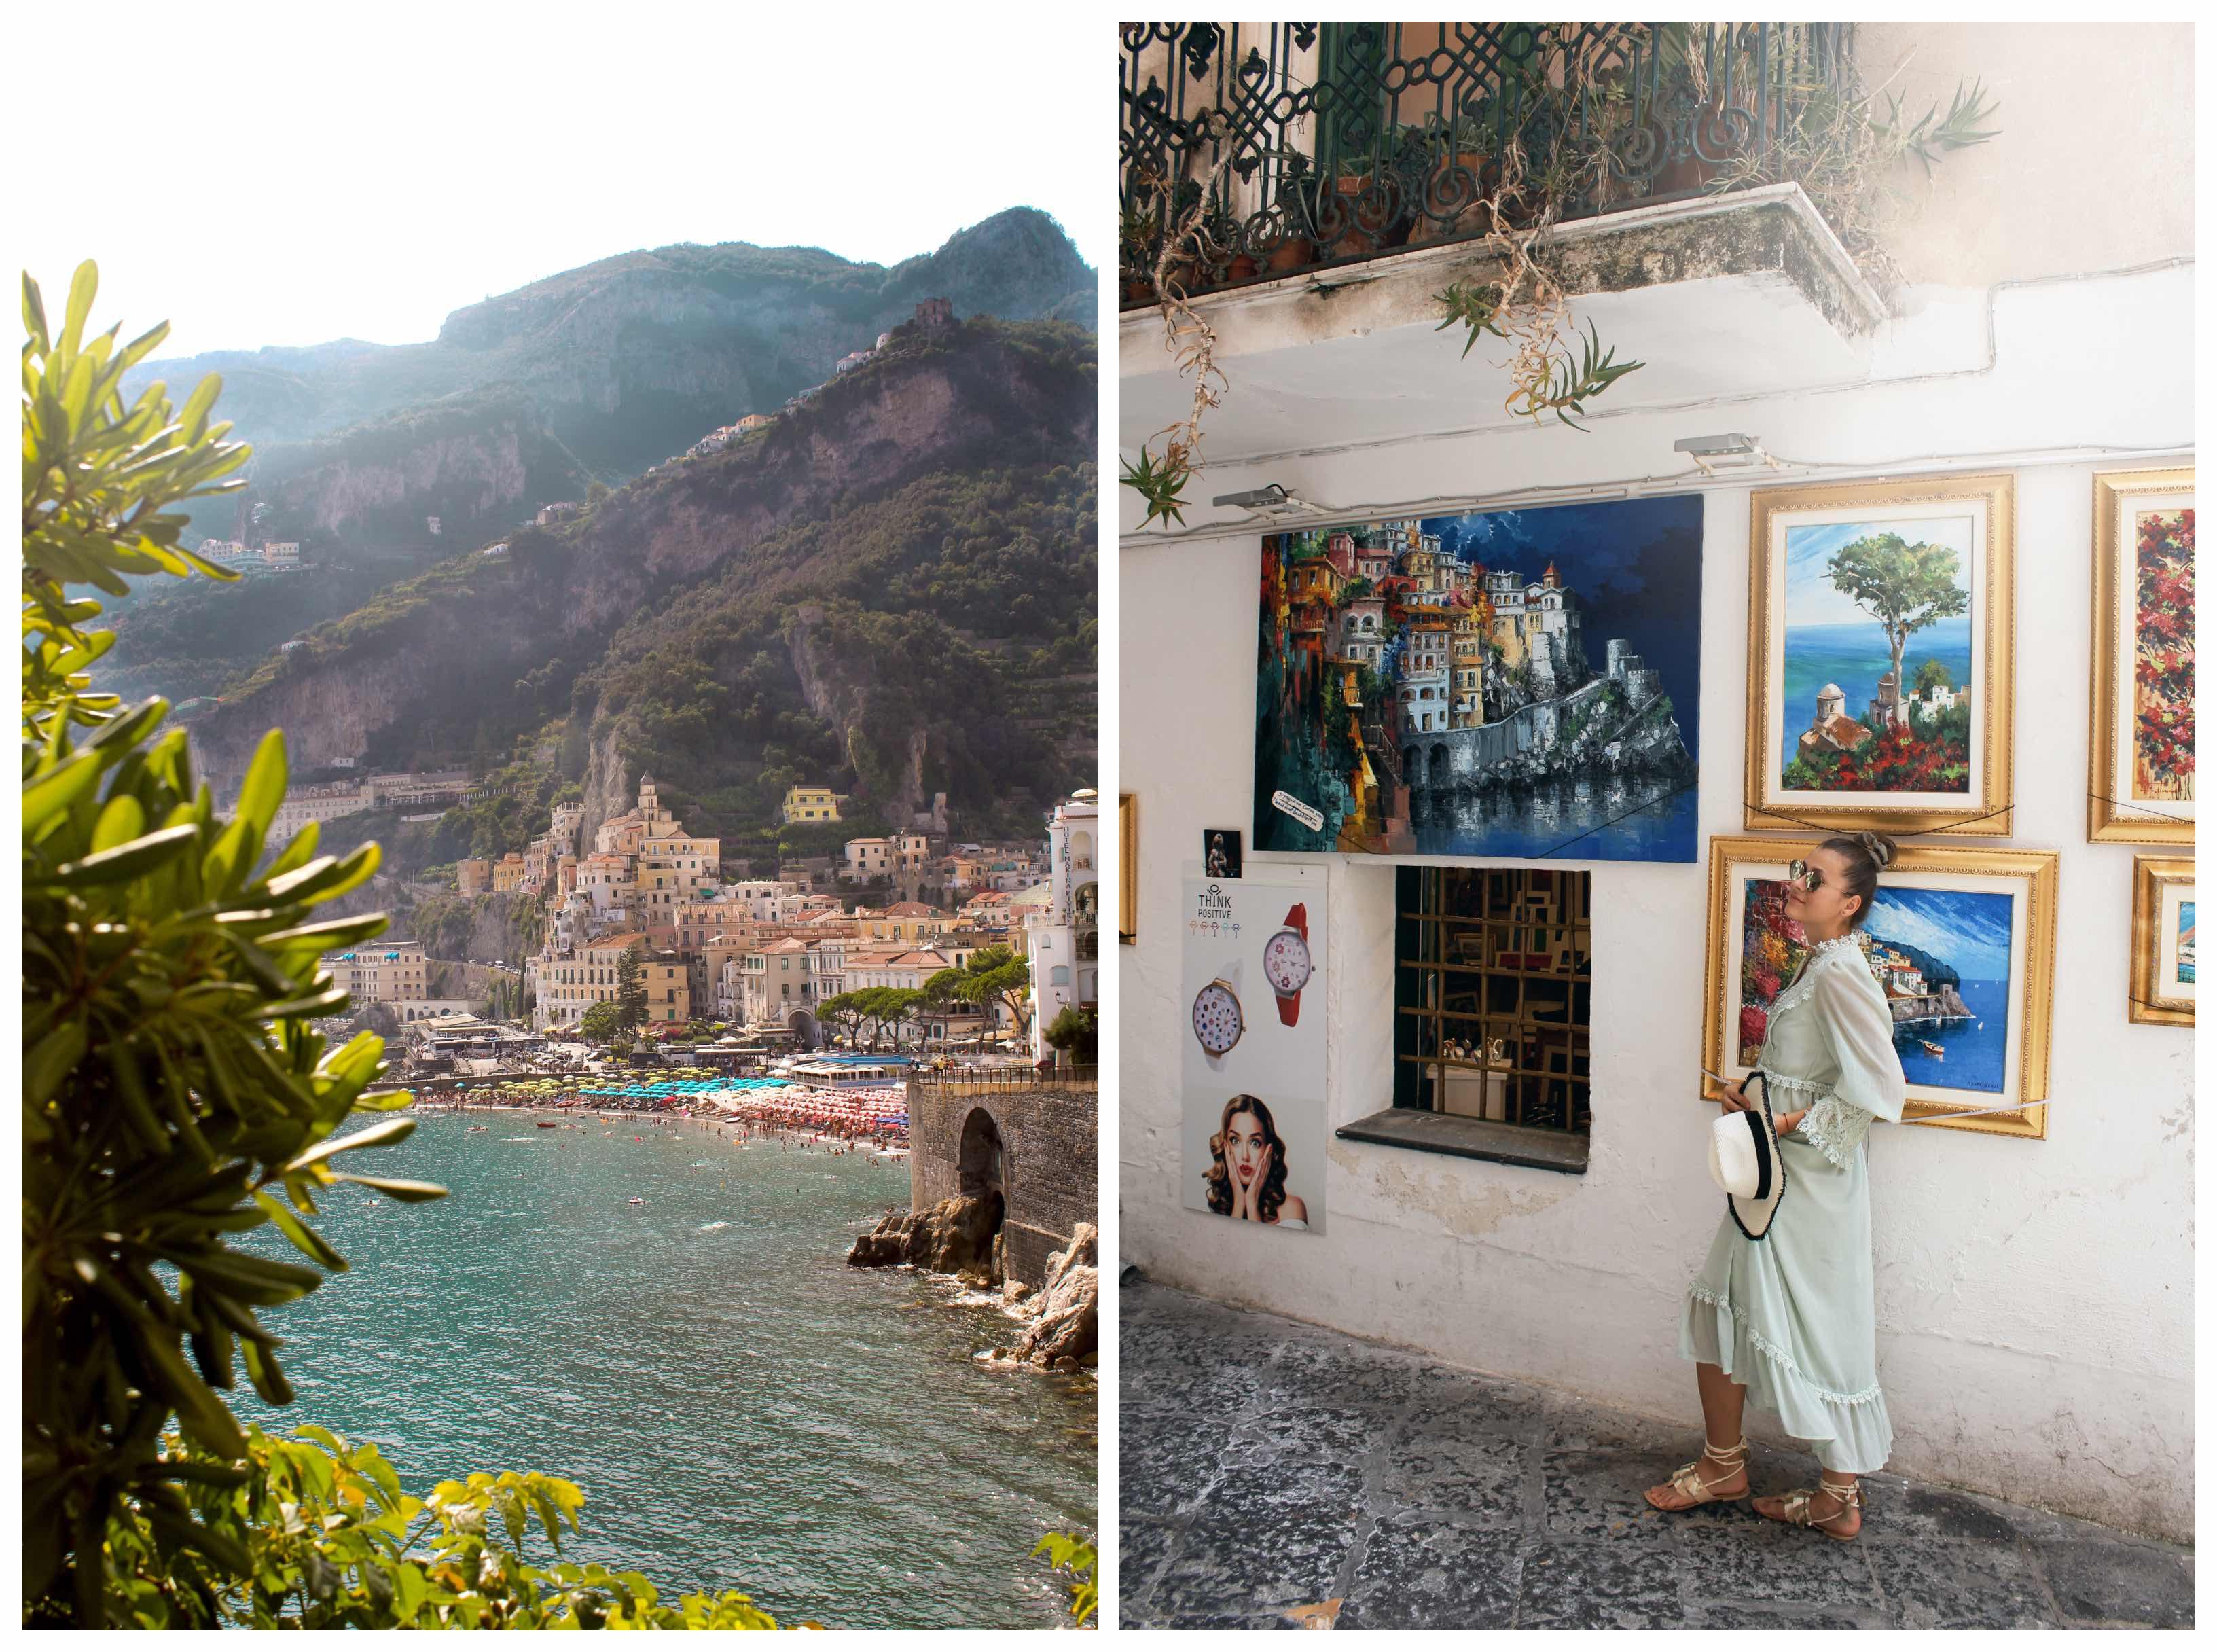 Z Neapolu na amalfské pobrežie